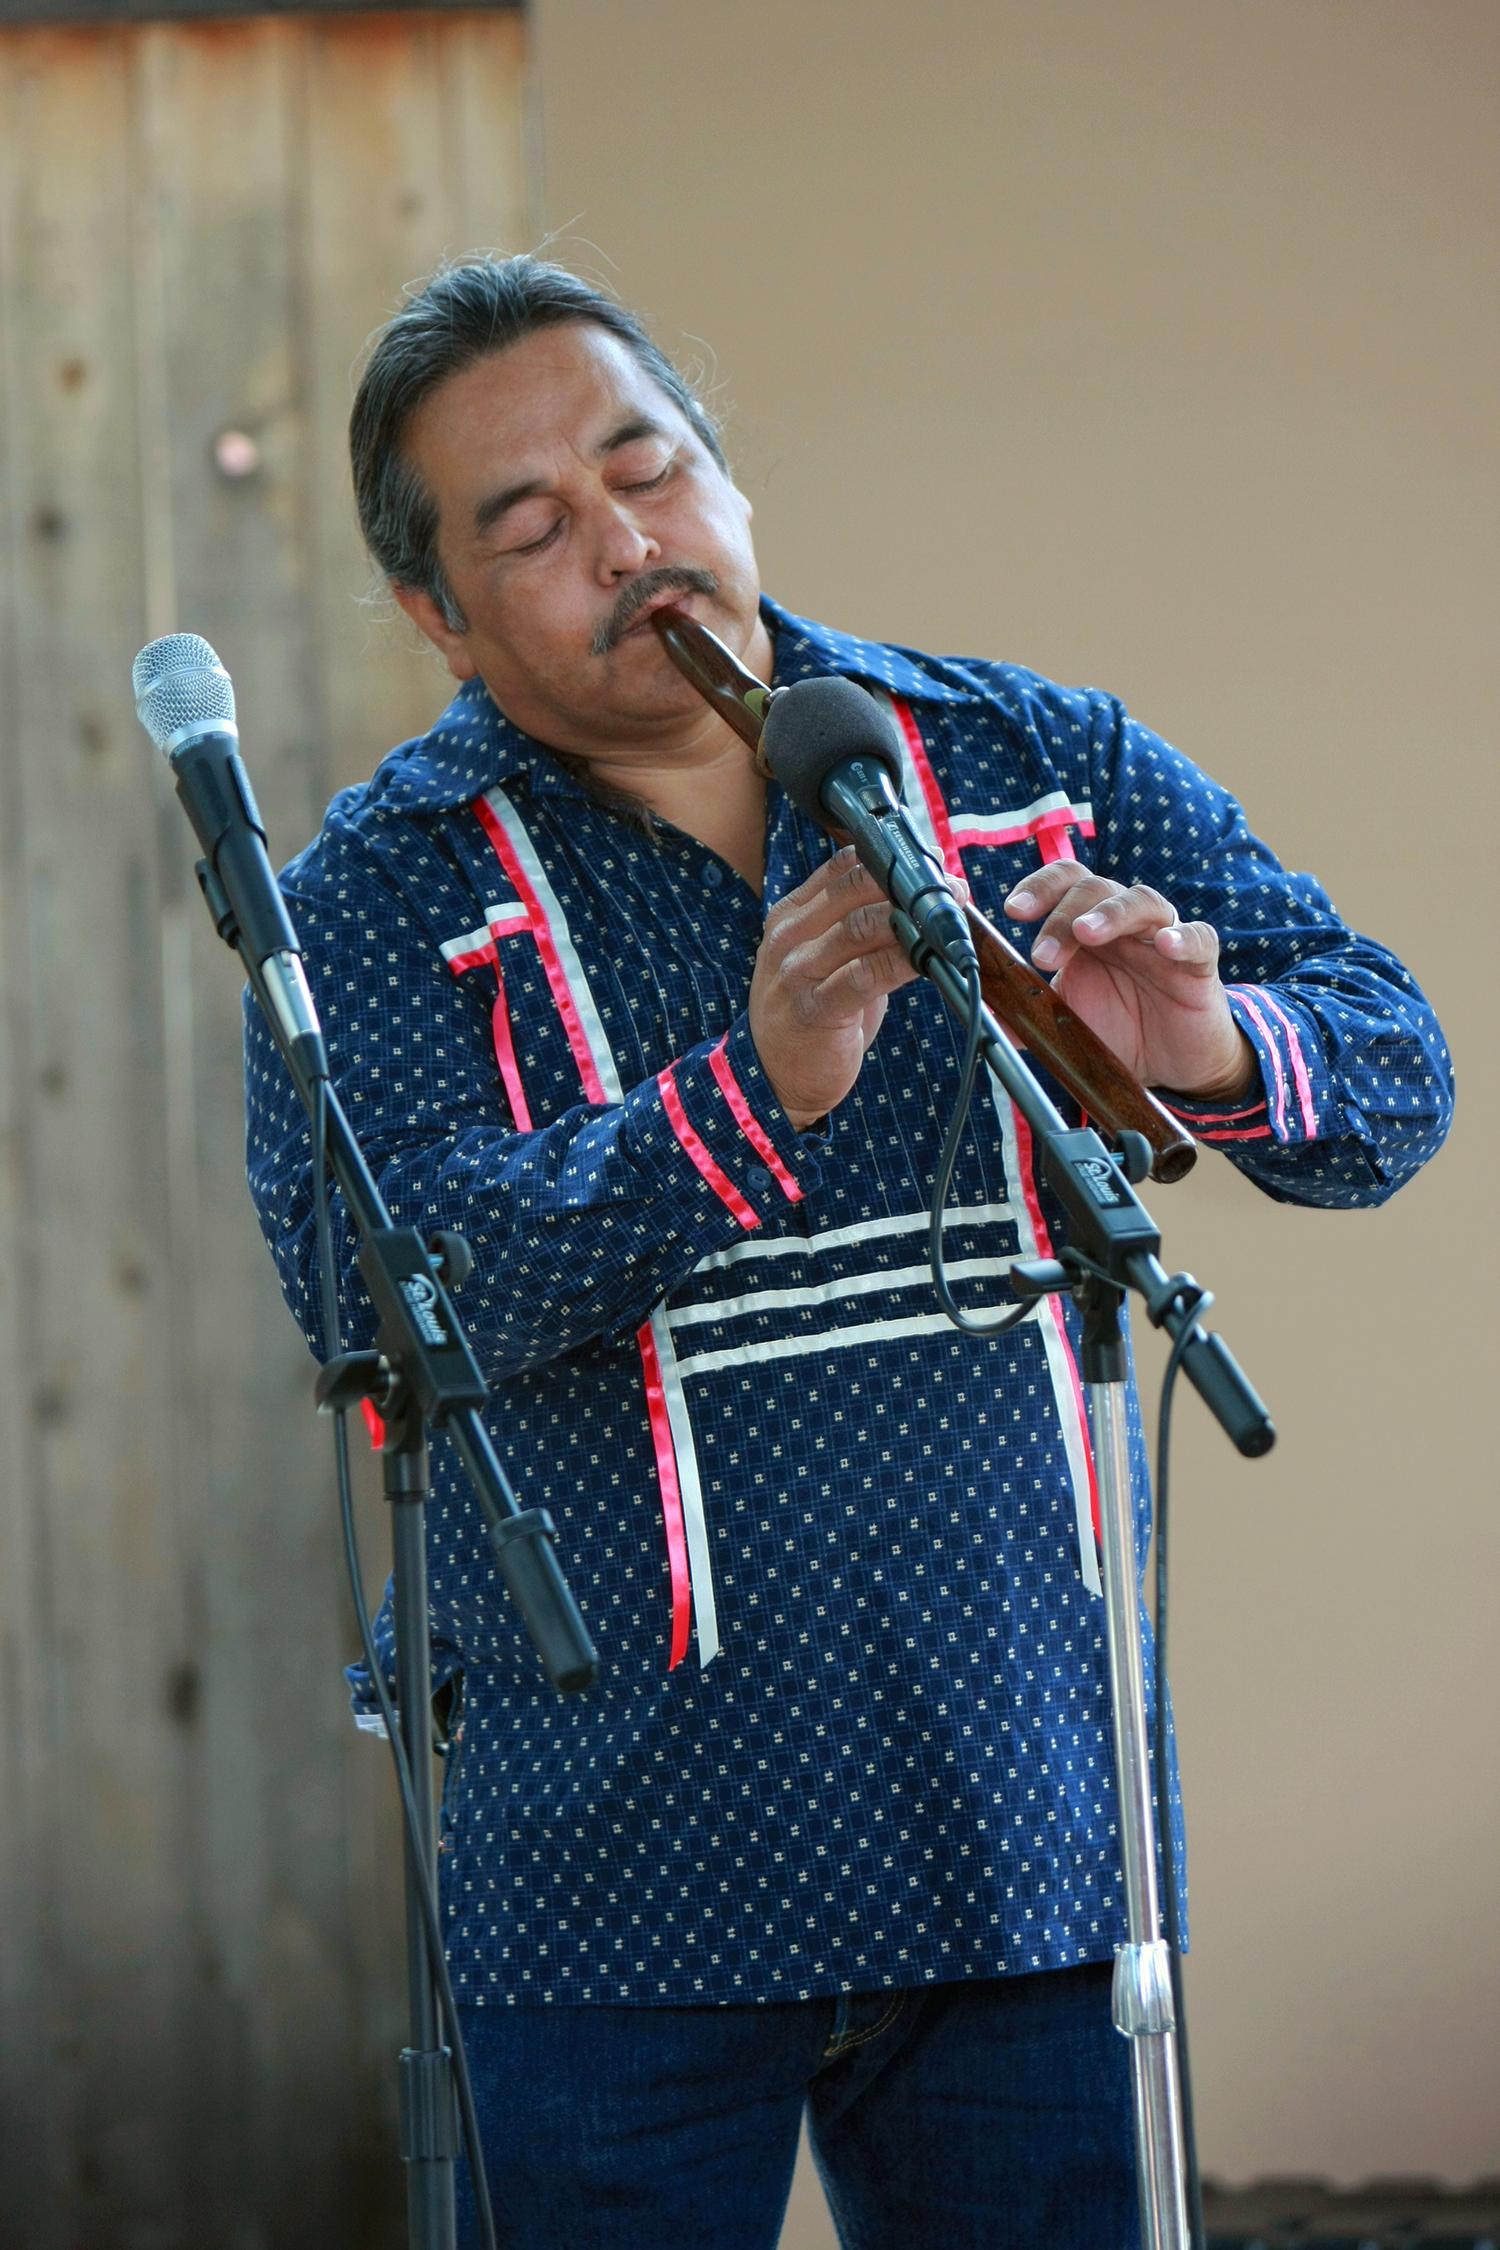 Alex Maldonado plays a flute made from river cane.